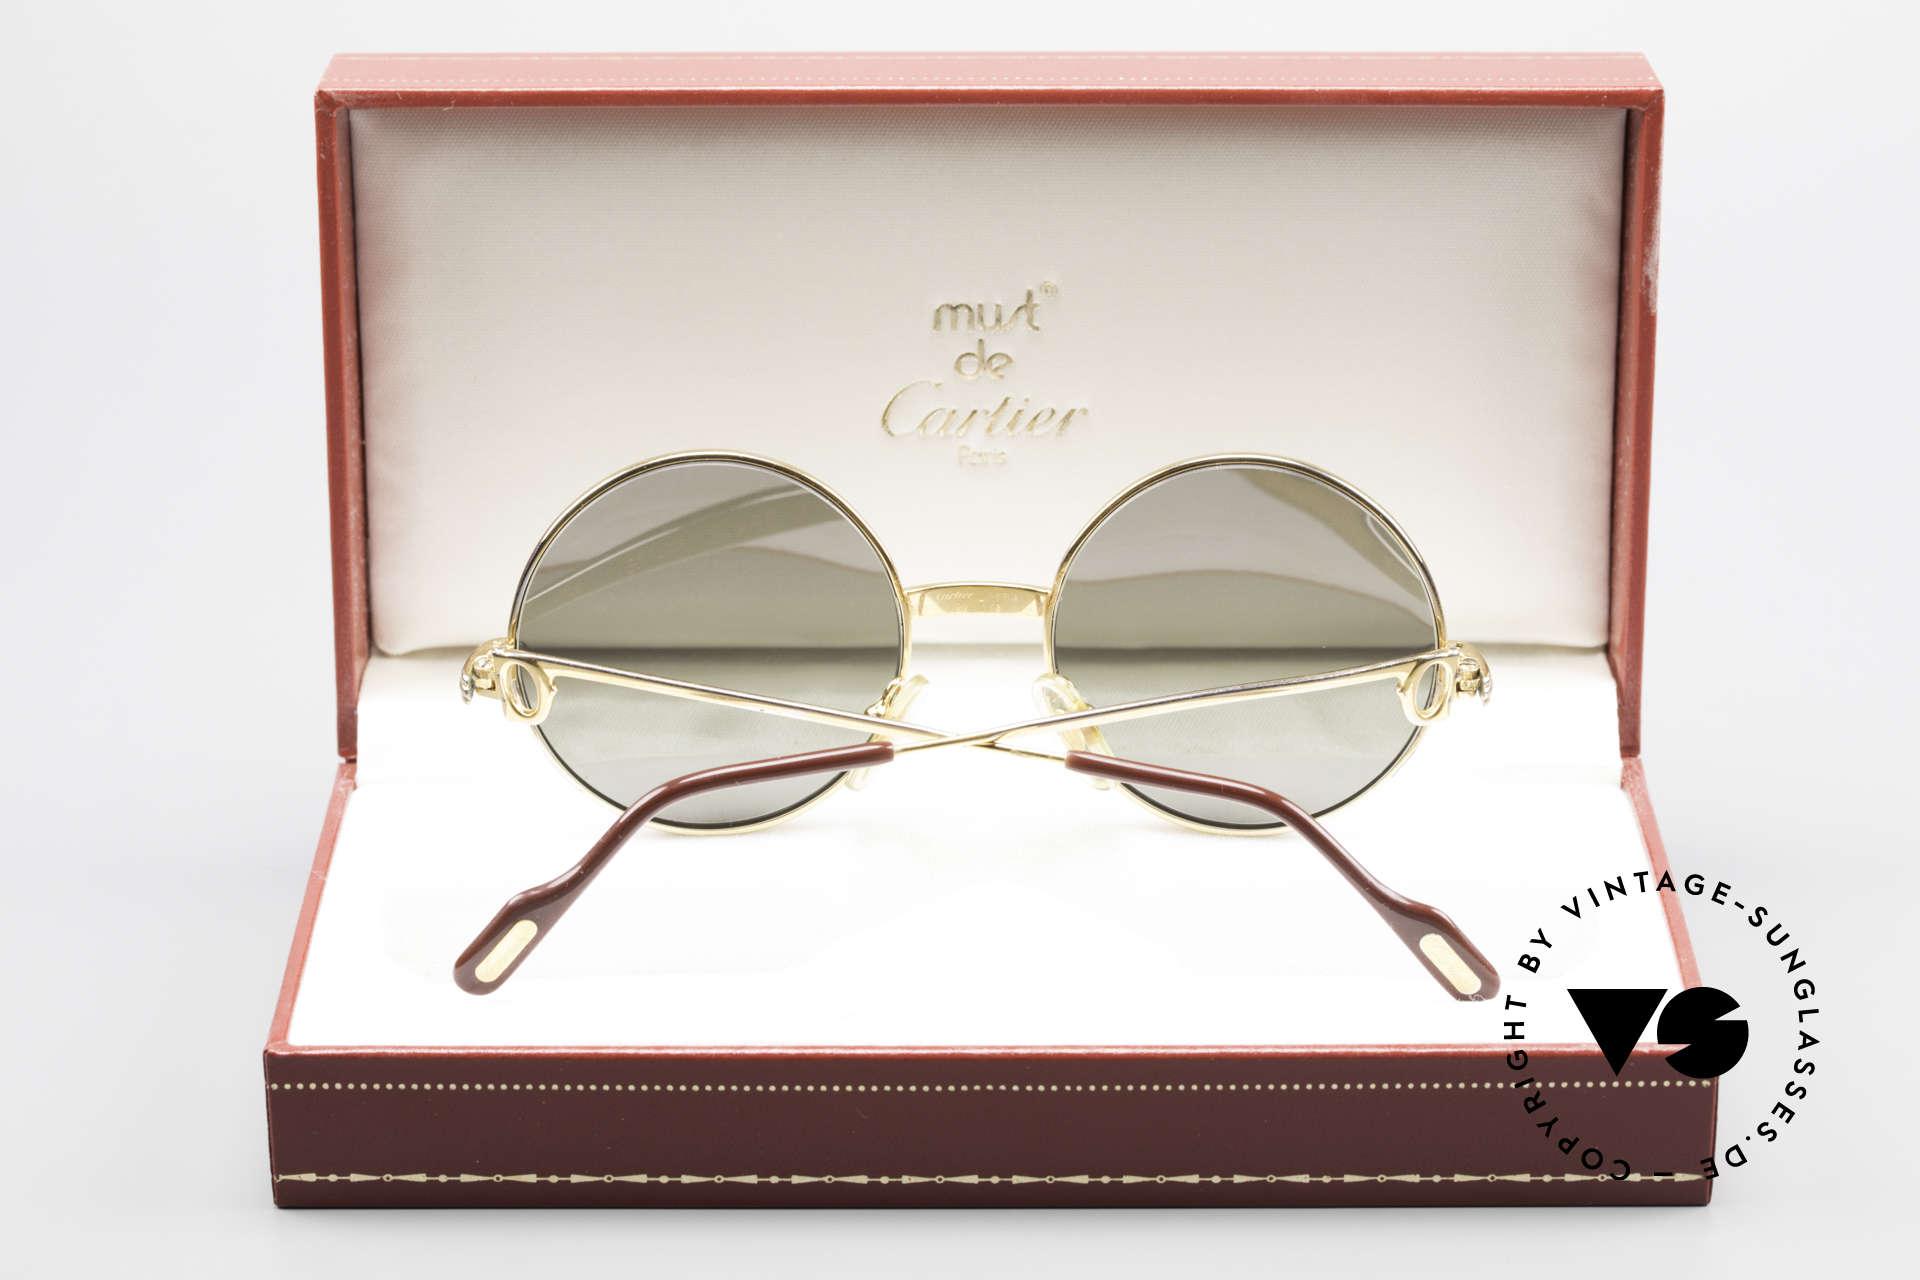 Cartier Round Customized Kundenindividuelle Fertigung, Preis auf Anfrage; eigentlich nicht zum VK, Passend für Herren und Damen